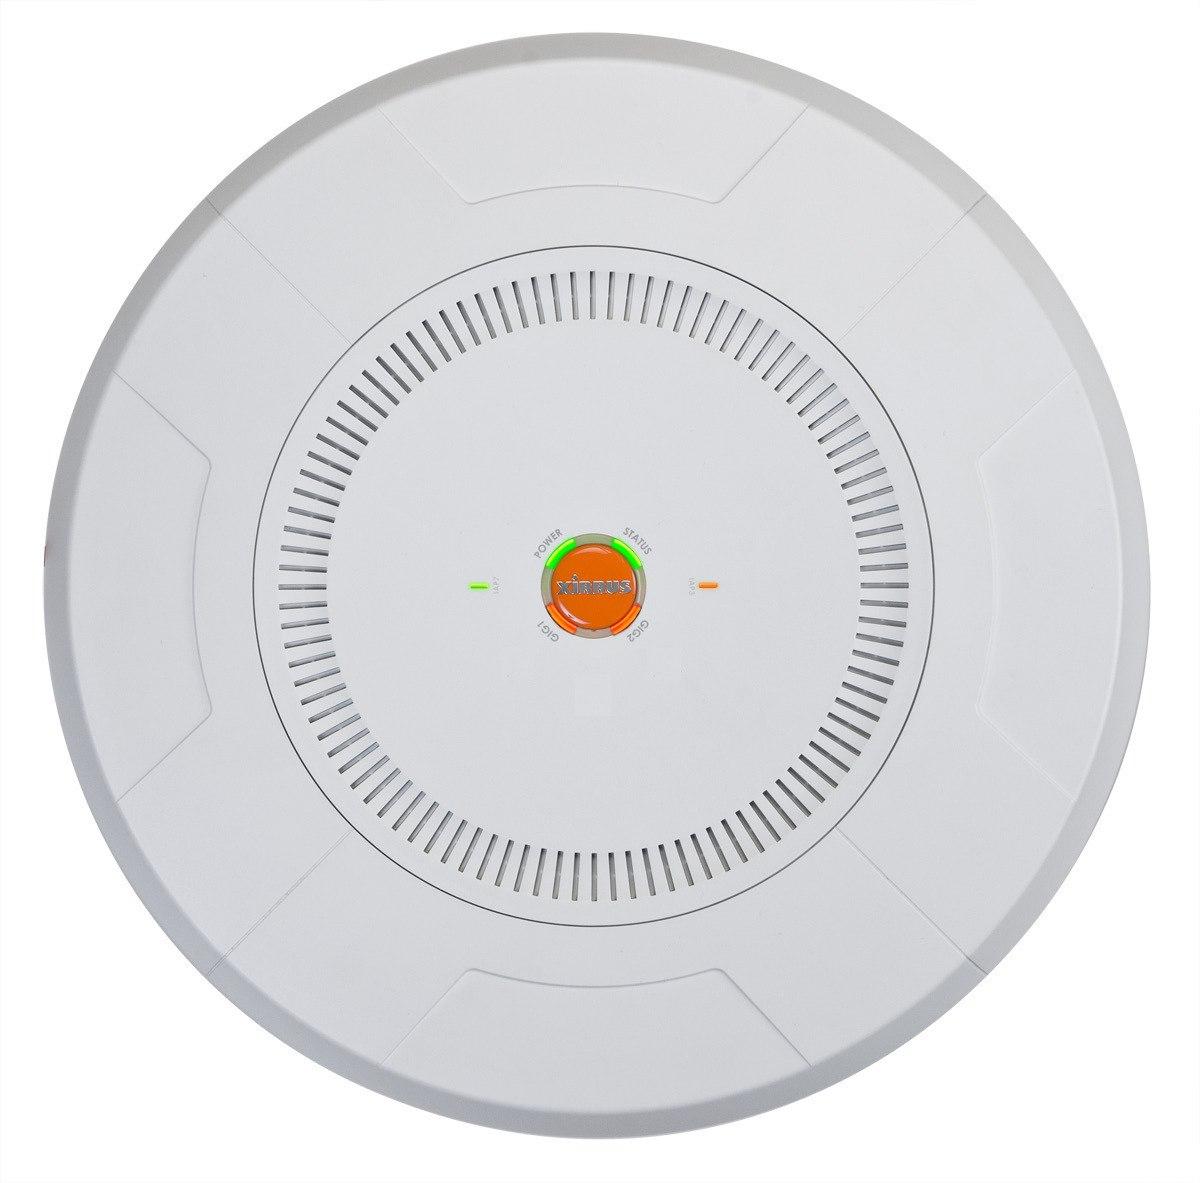 Xirrus XR-1230 IEEE 802.11n 900 Mbit/s Wireless Access Point